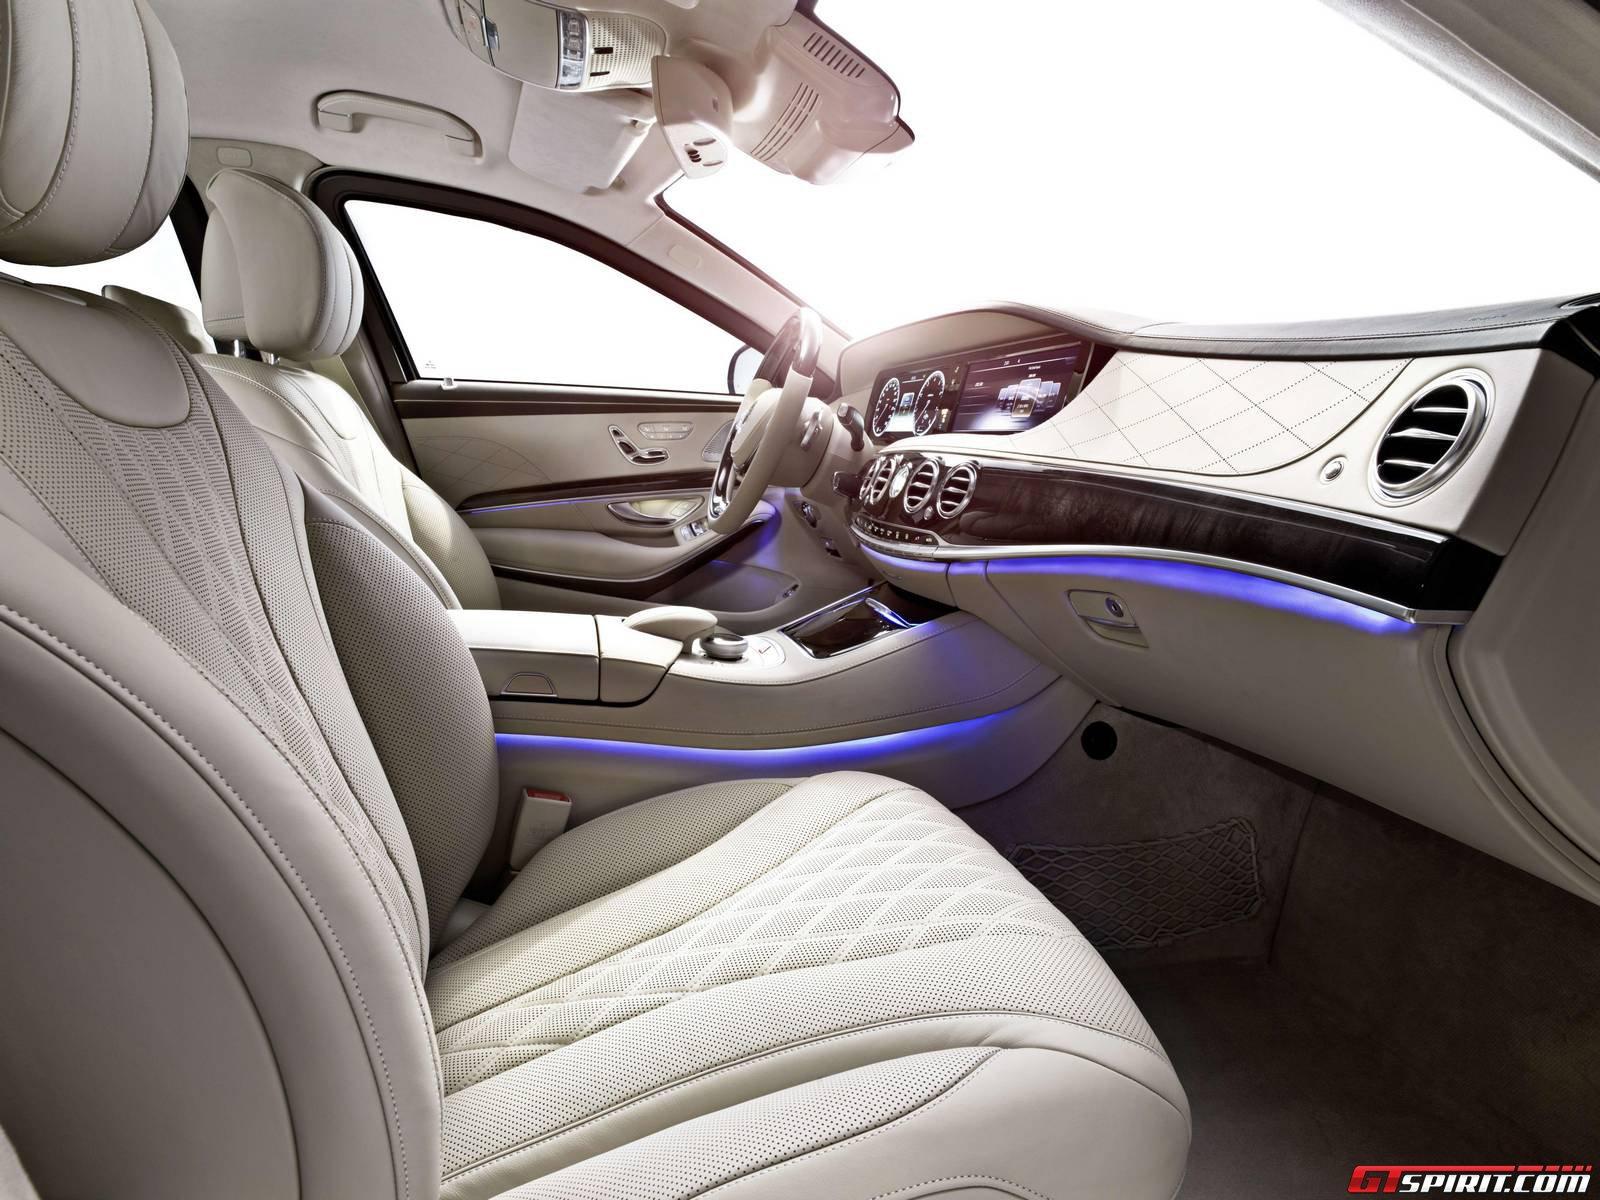 Official: Mercedes-Benz S600 Guard - GTspirit on mercedes-benz s600 pullman guard, mercedes 600 pullman, mercedes benz g guard, mercedes e guard,